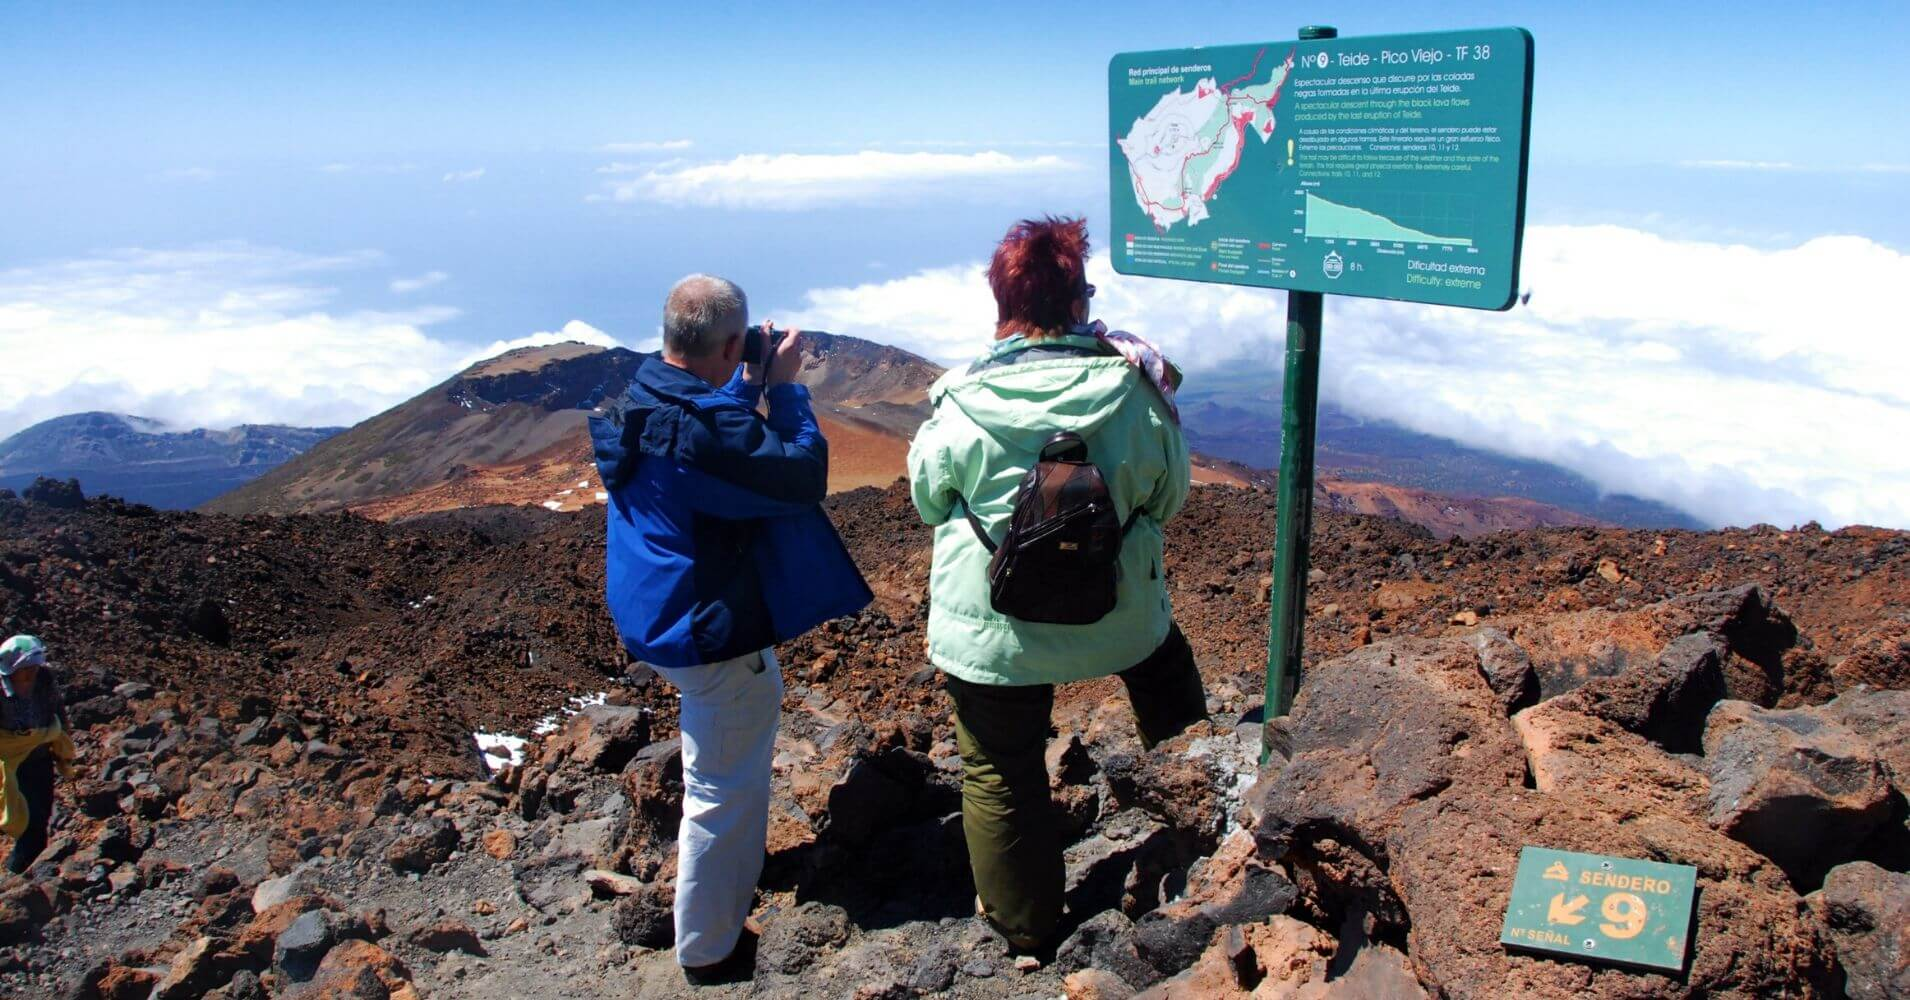 Parques Nacionales de Canarias. Parque Nacional de las Cañadas del Teide. Isla de Tenerife, Islas Canarias.